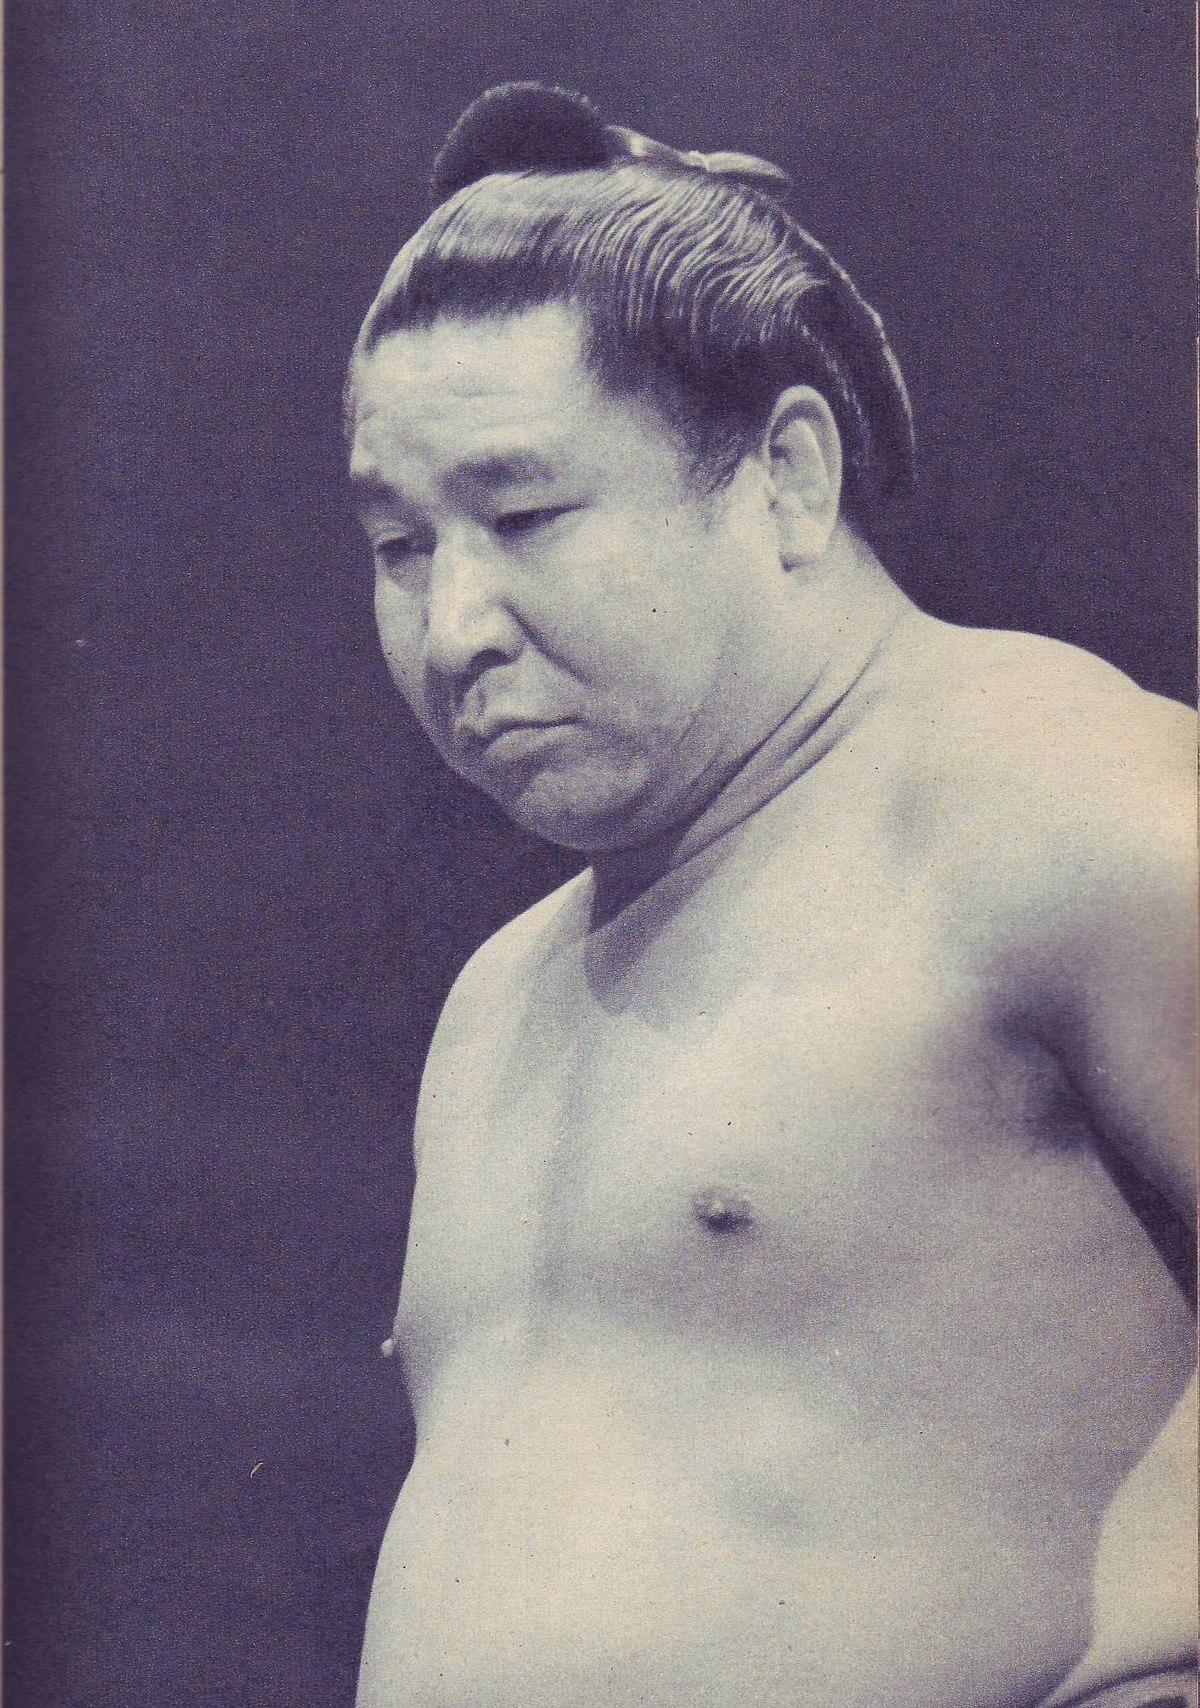 若乃花幹士 (初代)の画像 p1_28